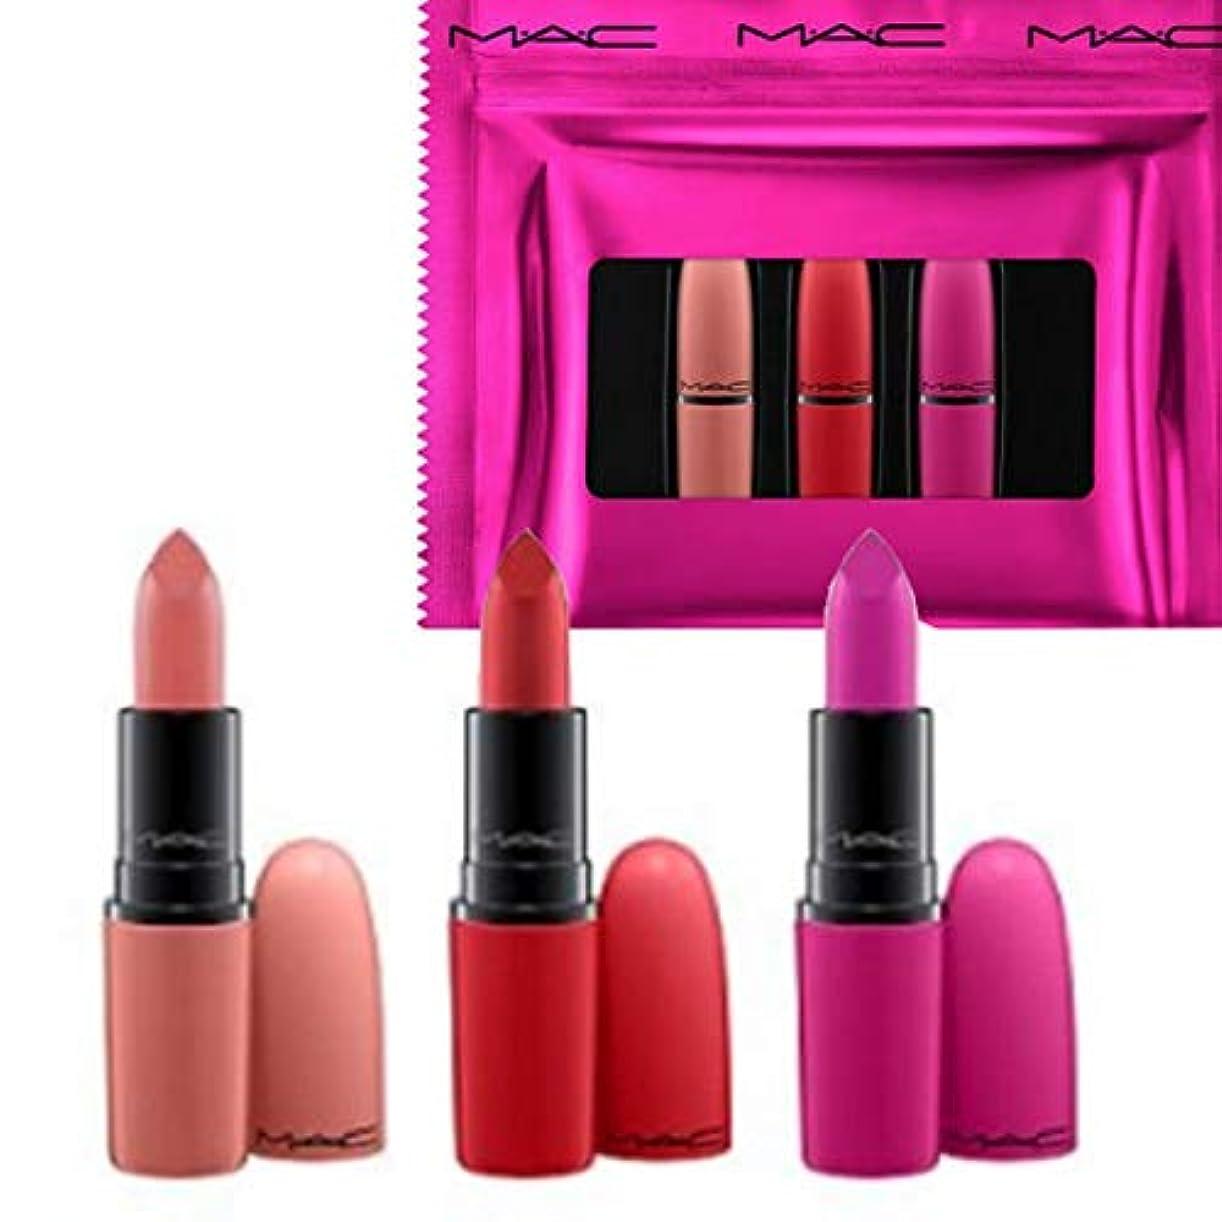 革命調和のとれた急性M.A.C ?マック, Limited Edition 限定版, 3-Pc. Shiny Pretty Things Lip Set - Russian Red/Kinda Sexy/Flat Out Fabulous [海外直送品] [並行輸入品]